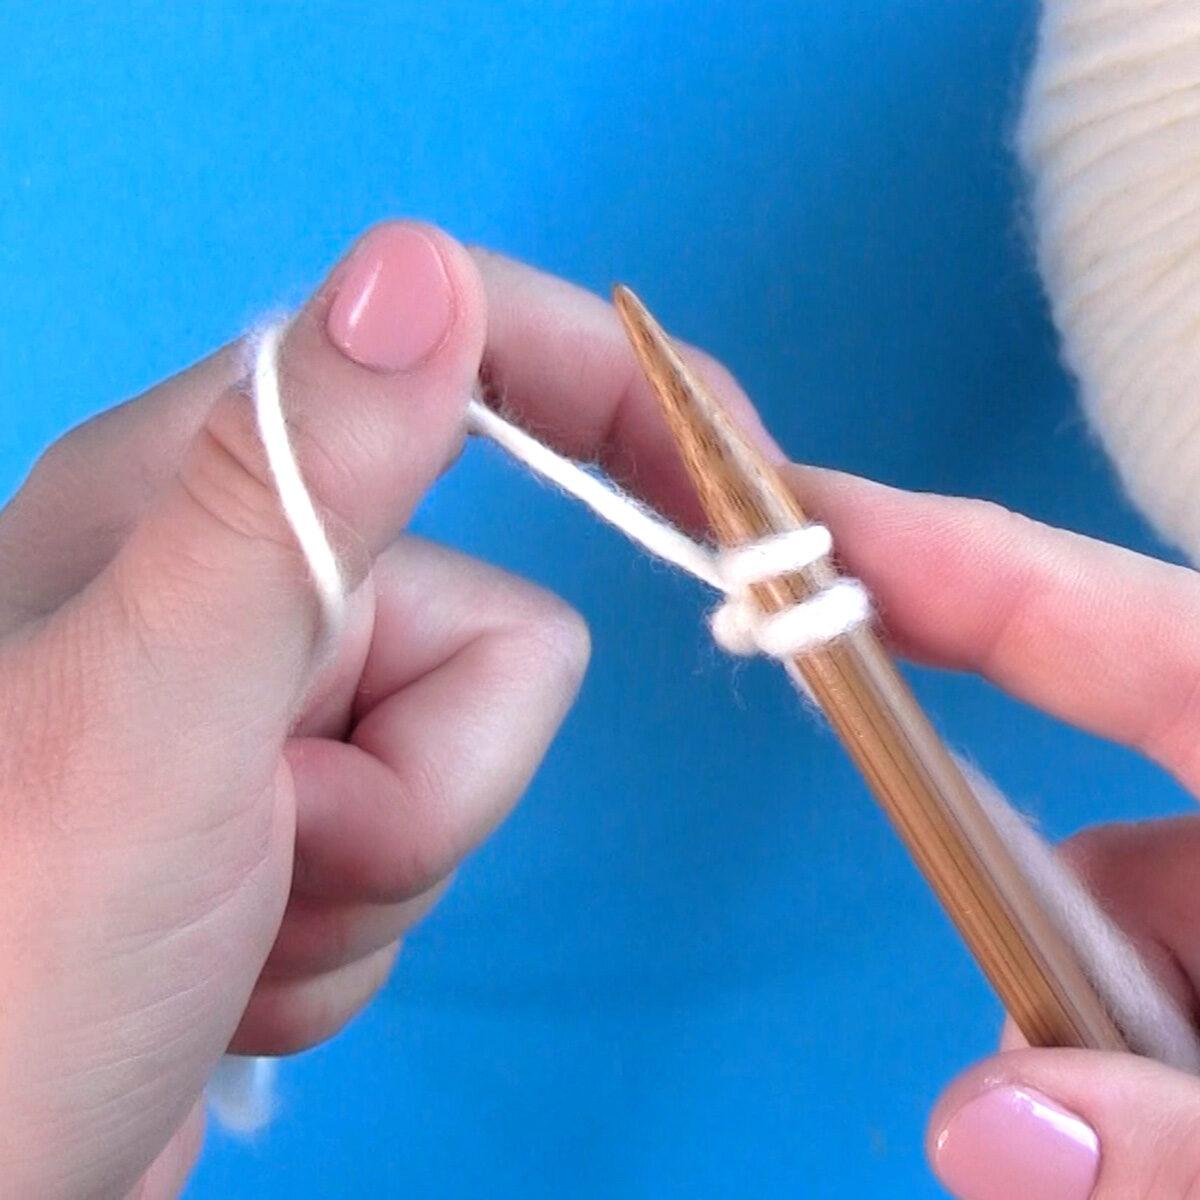 Método de fundición con el pulgar con hilo y una aguja de tejer sostenidos por las dos manos.